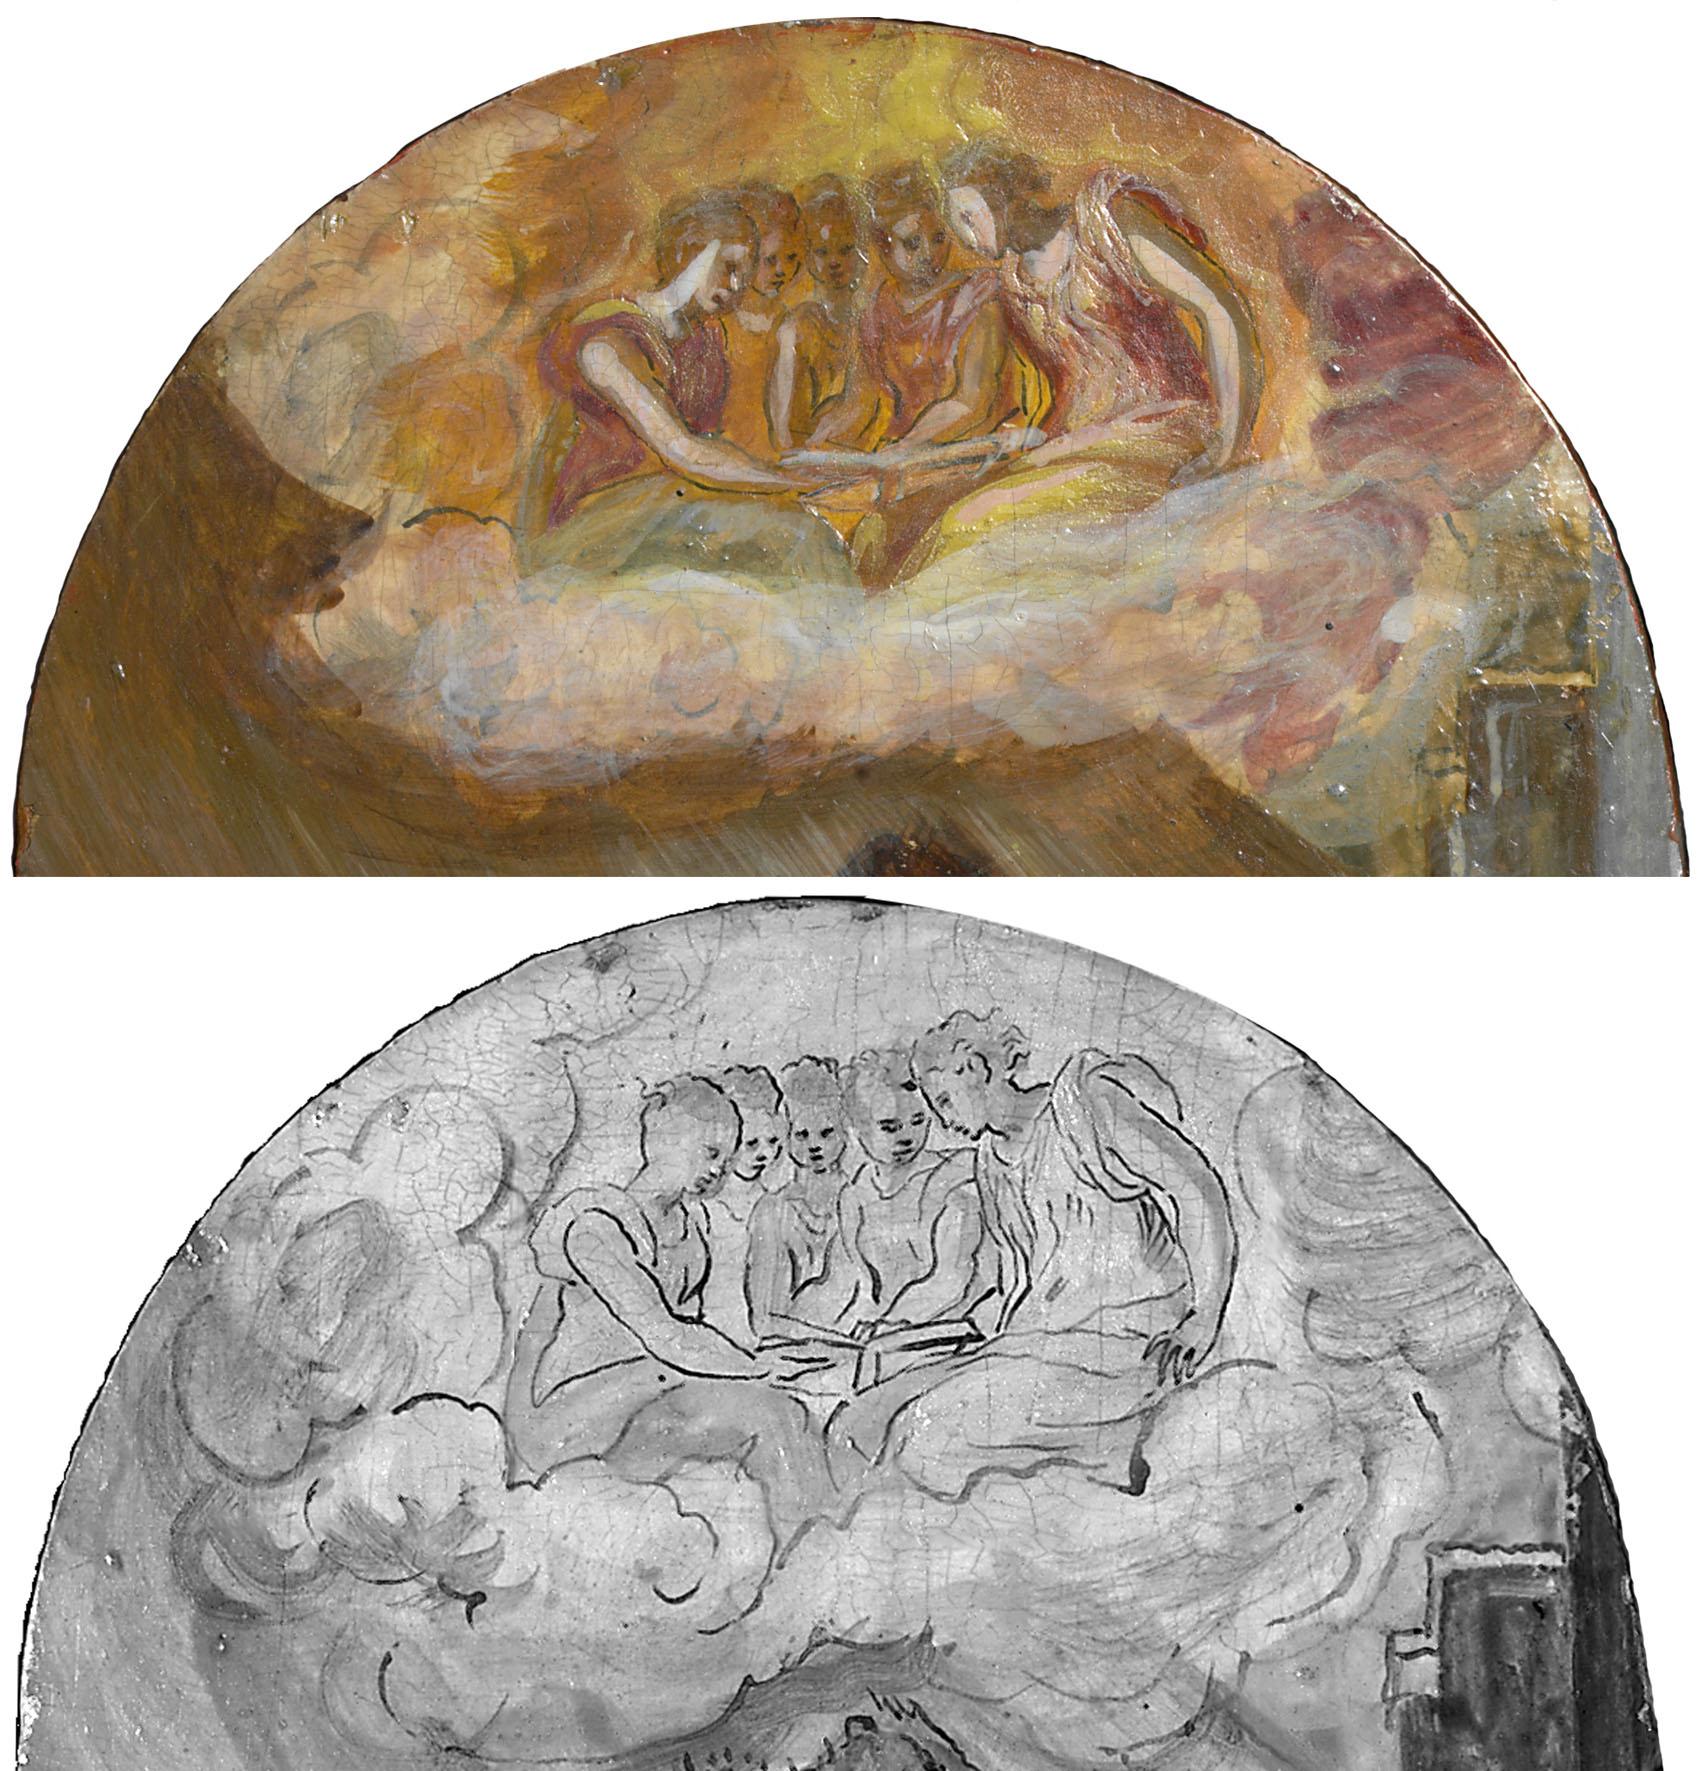 Tríptico de Módena,. Detalle coro en la parte superior de la tabla lateral izquierda: La Adoración de los pastores, óleo sobre tabla, 1567-68, Módena, Galleria Estense. Imagen visible y reflectografía infrarroja donde se ve el dibujo subyacente.